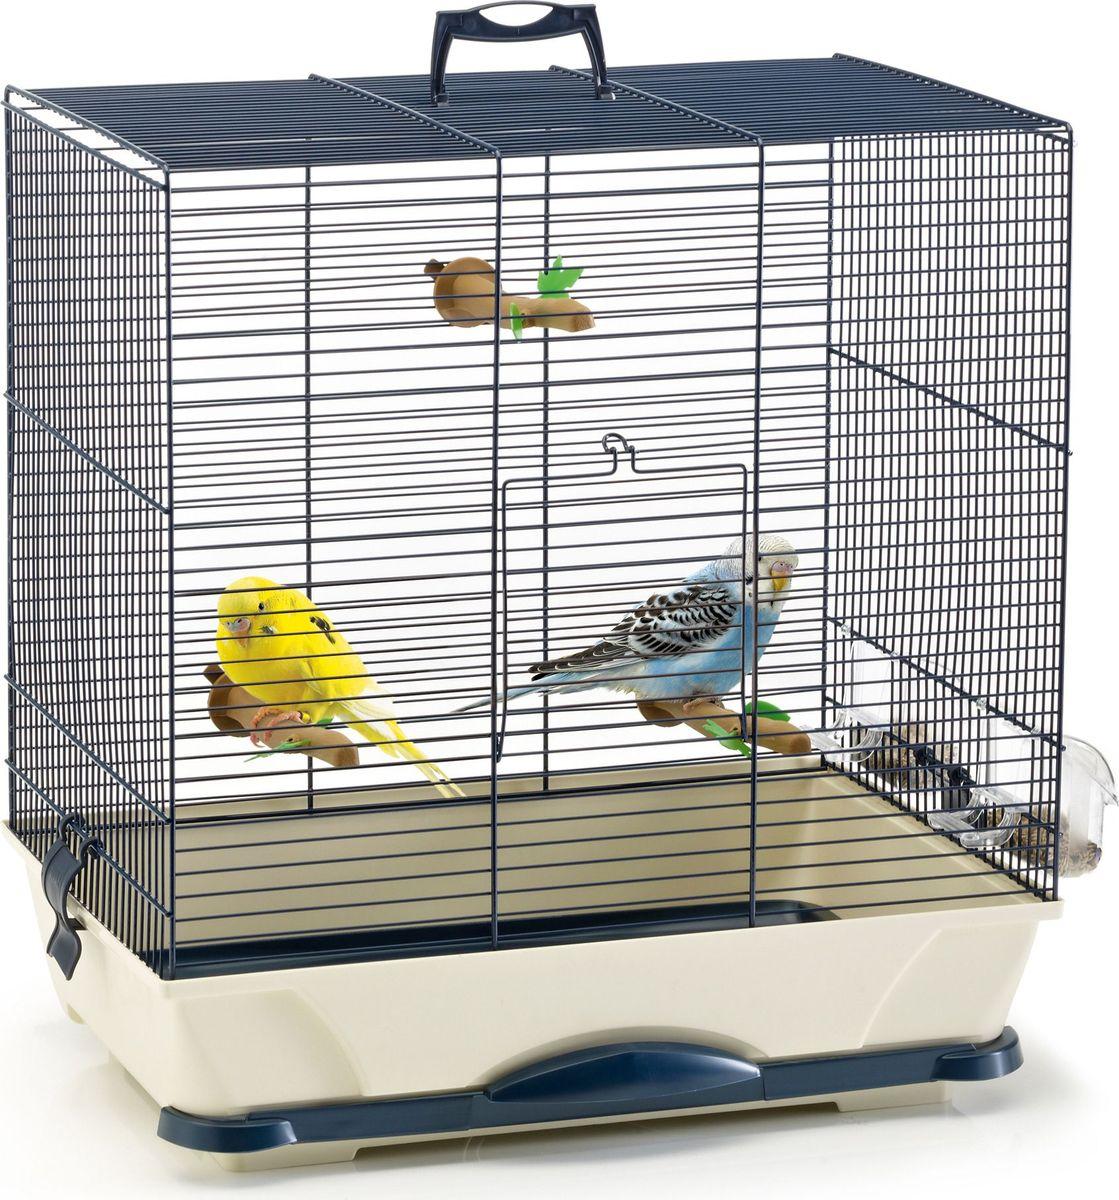 Клетка для птиц Savic Primo, цвет: синий, голубой, 46 х 32 х 48 см кормушка для птиц savic weekend feeder 5905 0000